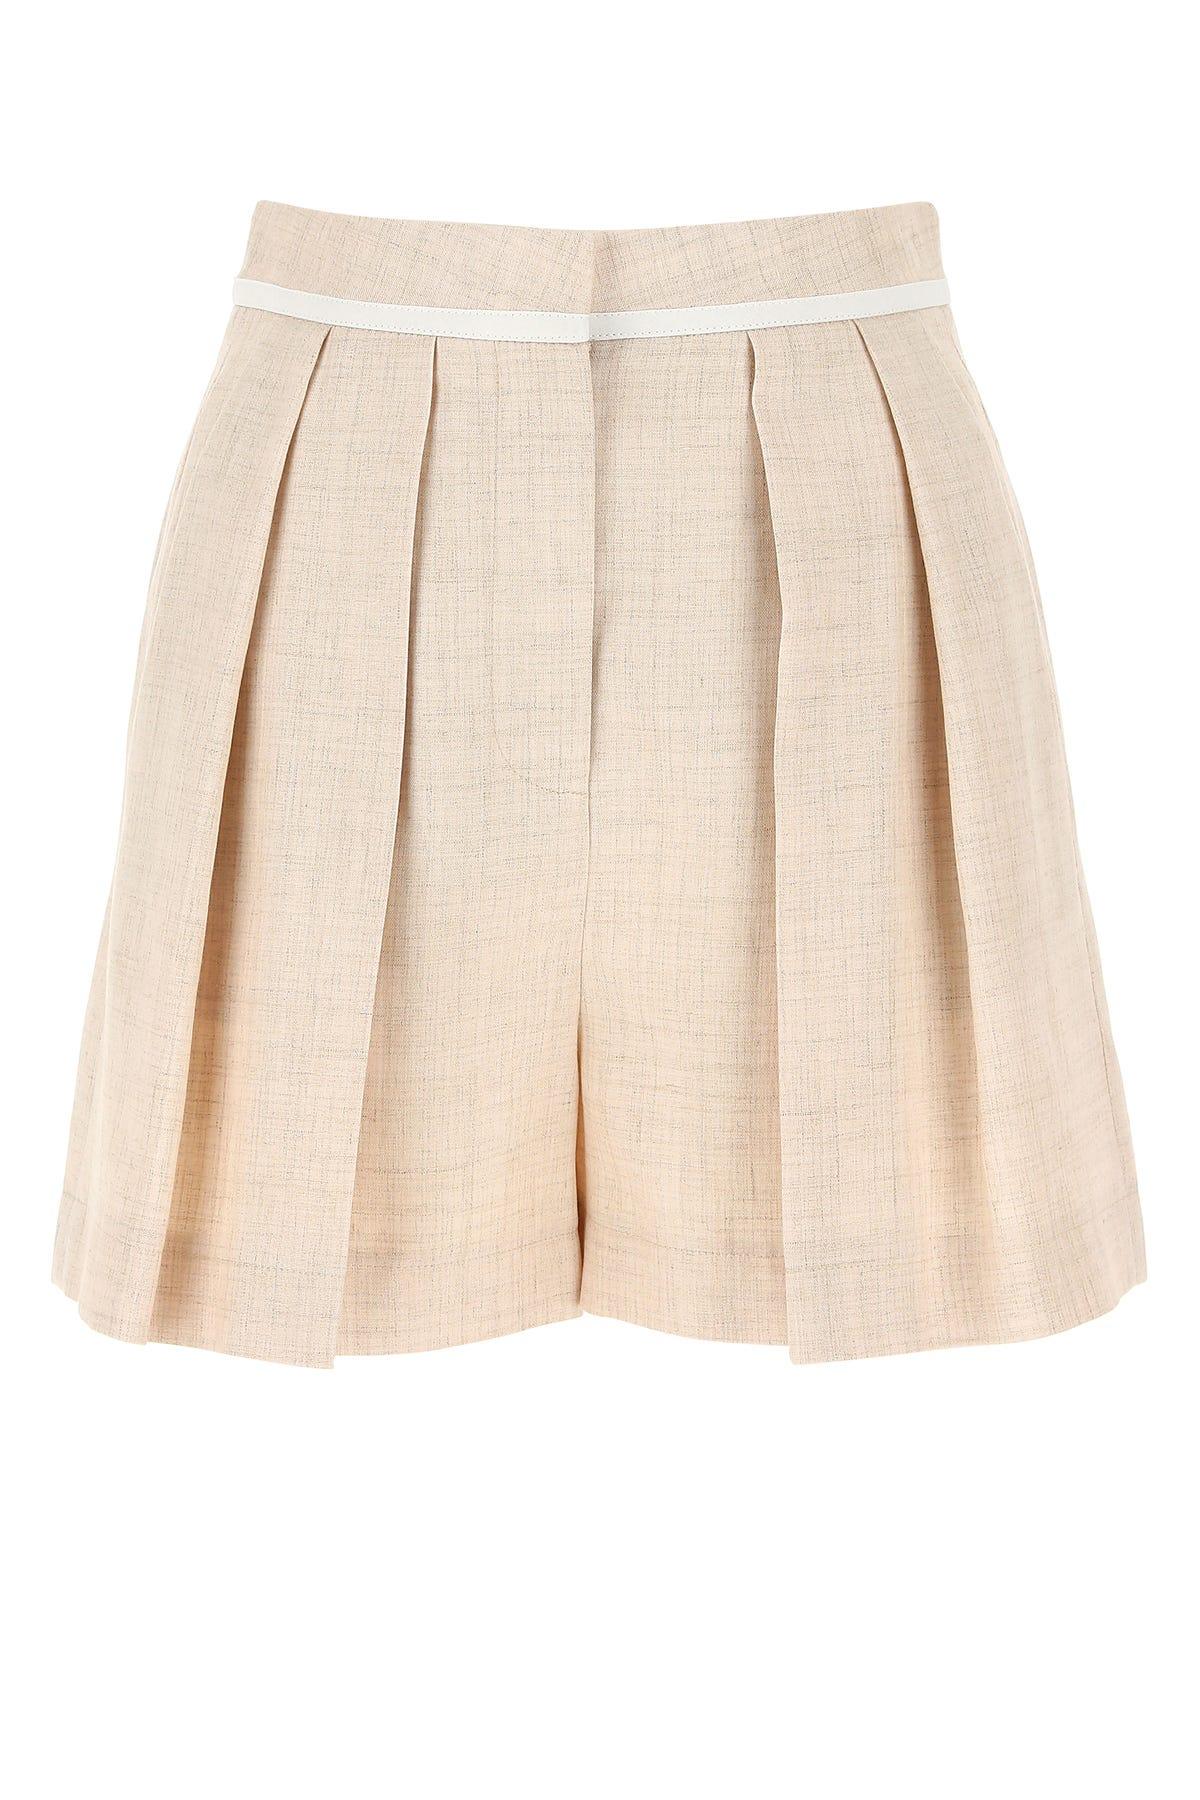 Stella Mccartney Shorts-40